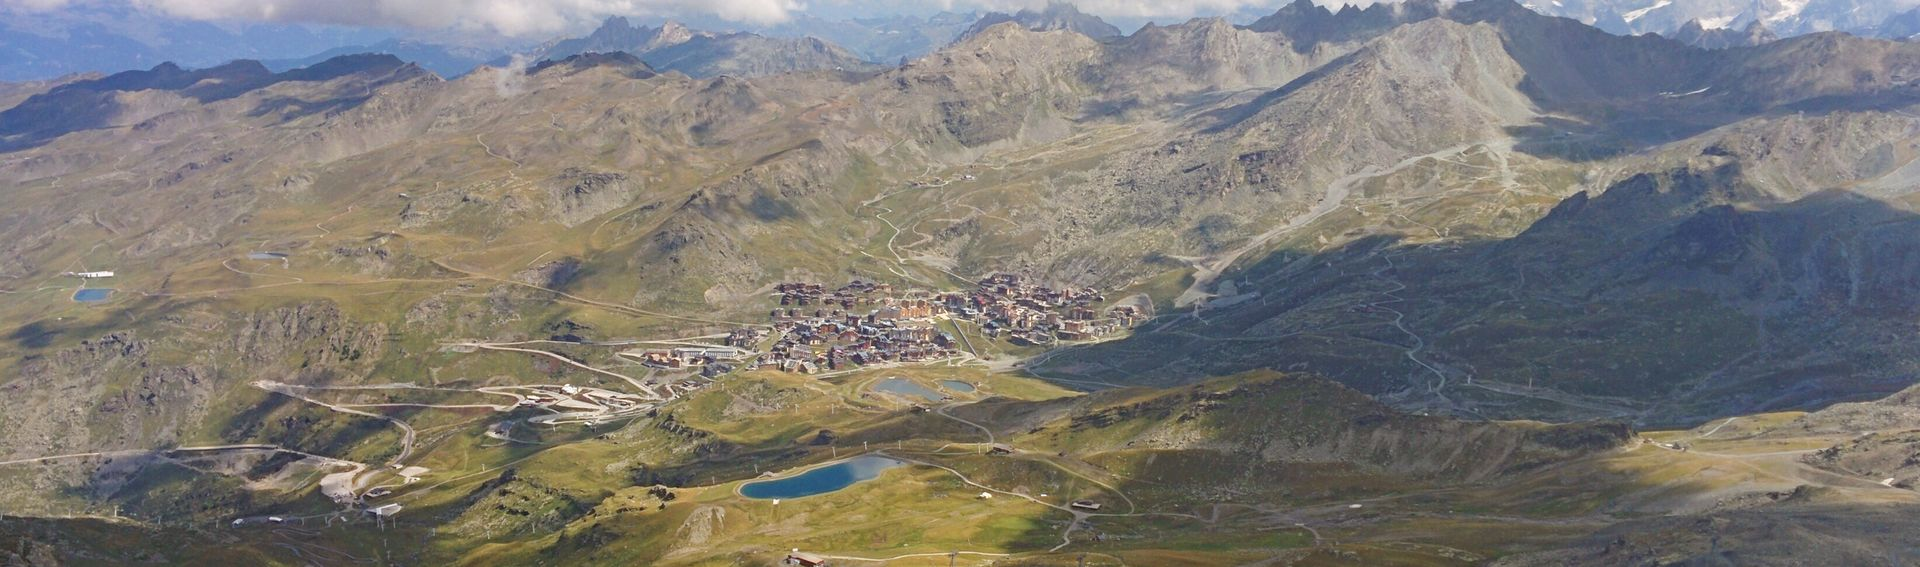 Val Thorens / Les Trois Vallées